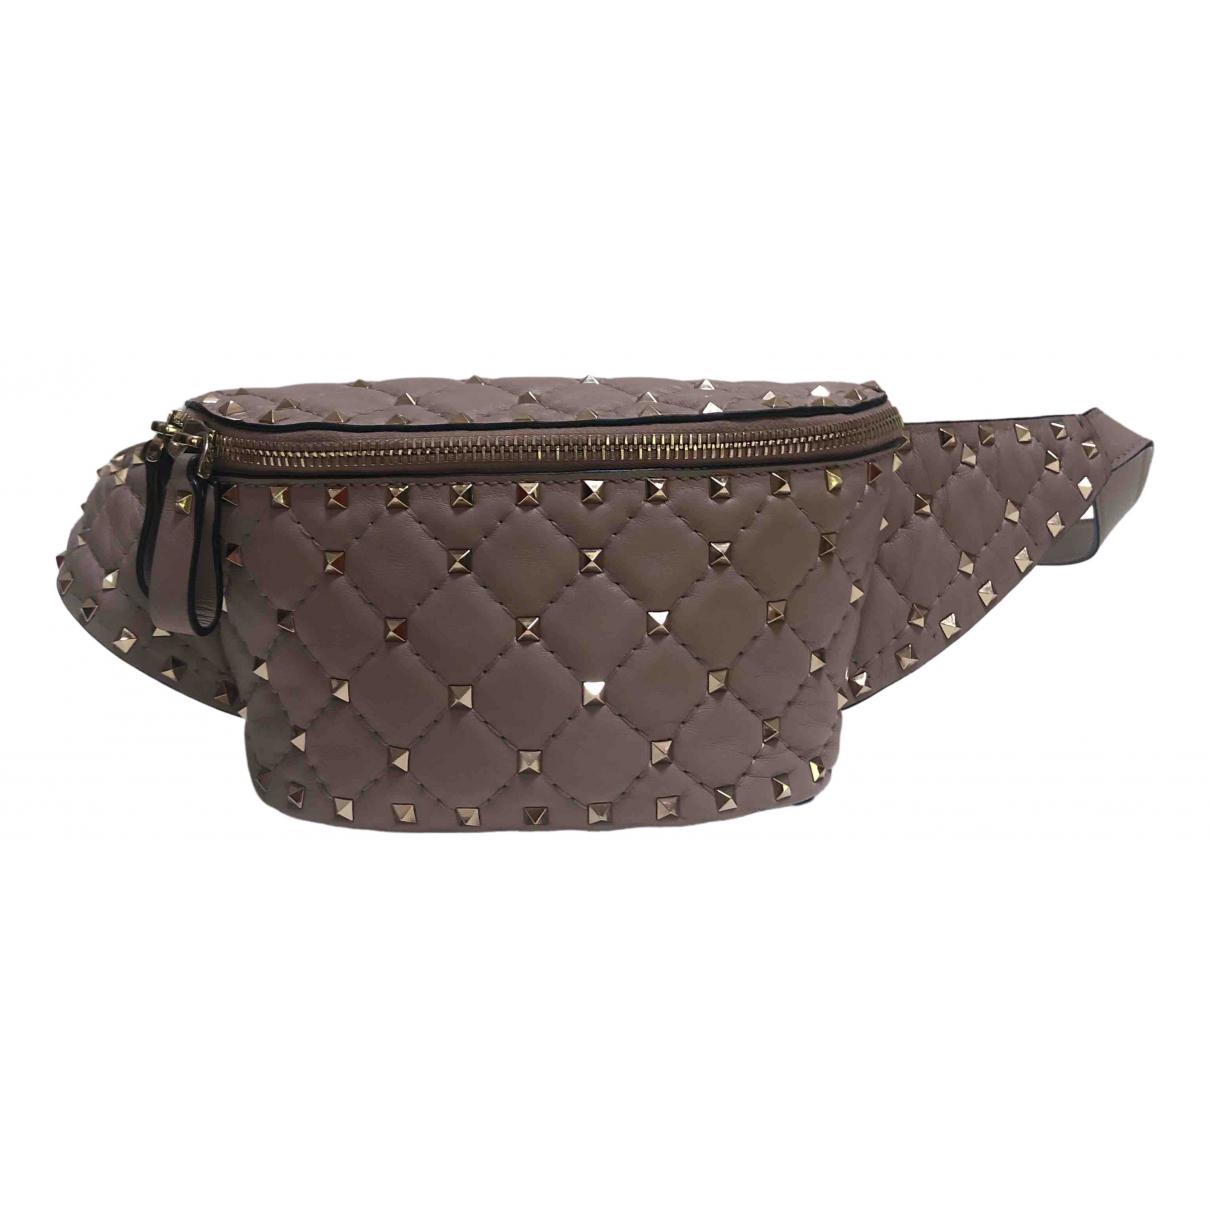 Valentino Garavani \N Handtasche in  Beige Leder